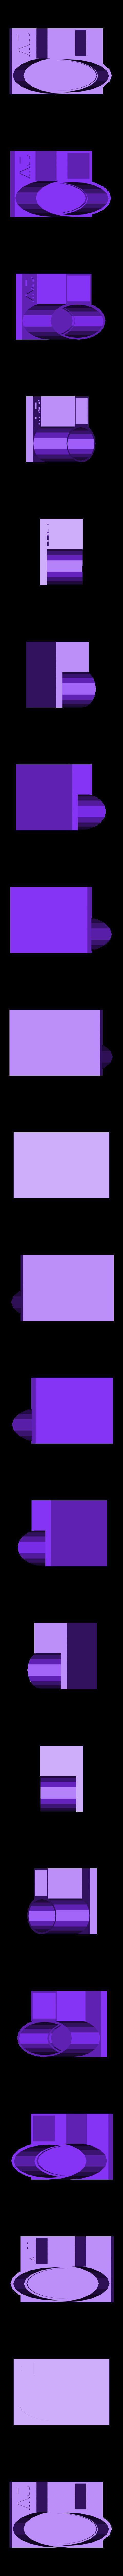 triple porte telecommande (1).stl Download free STL file Support for remote controls (TV - Box - etc ...) • 3D printable design, llicari